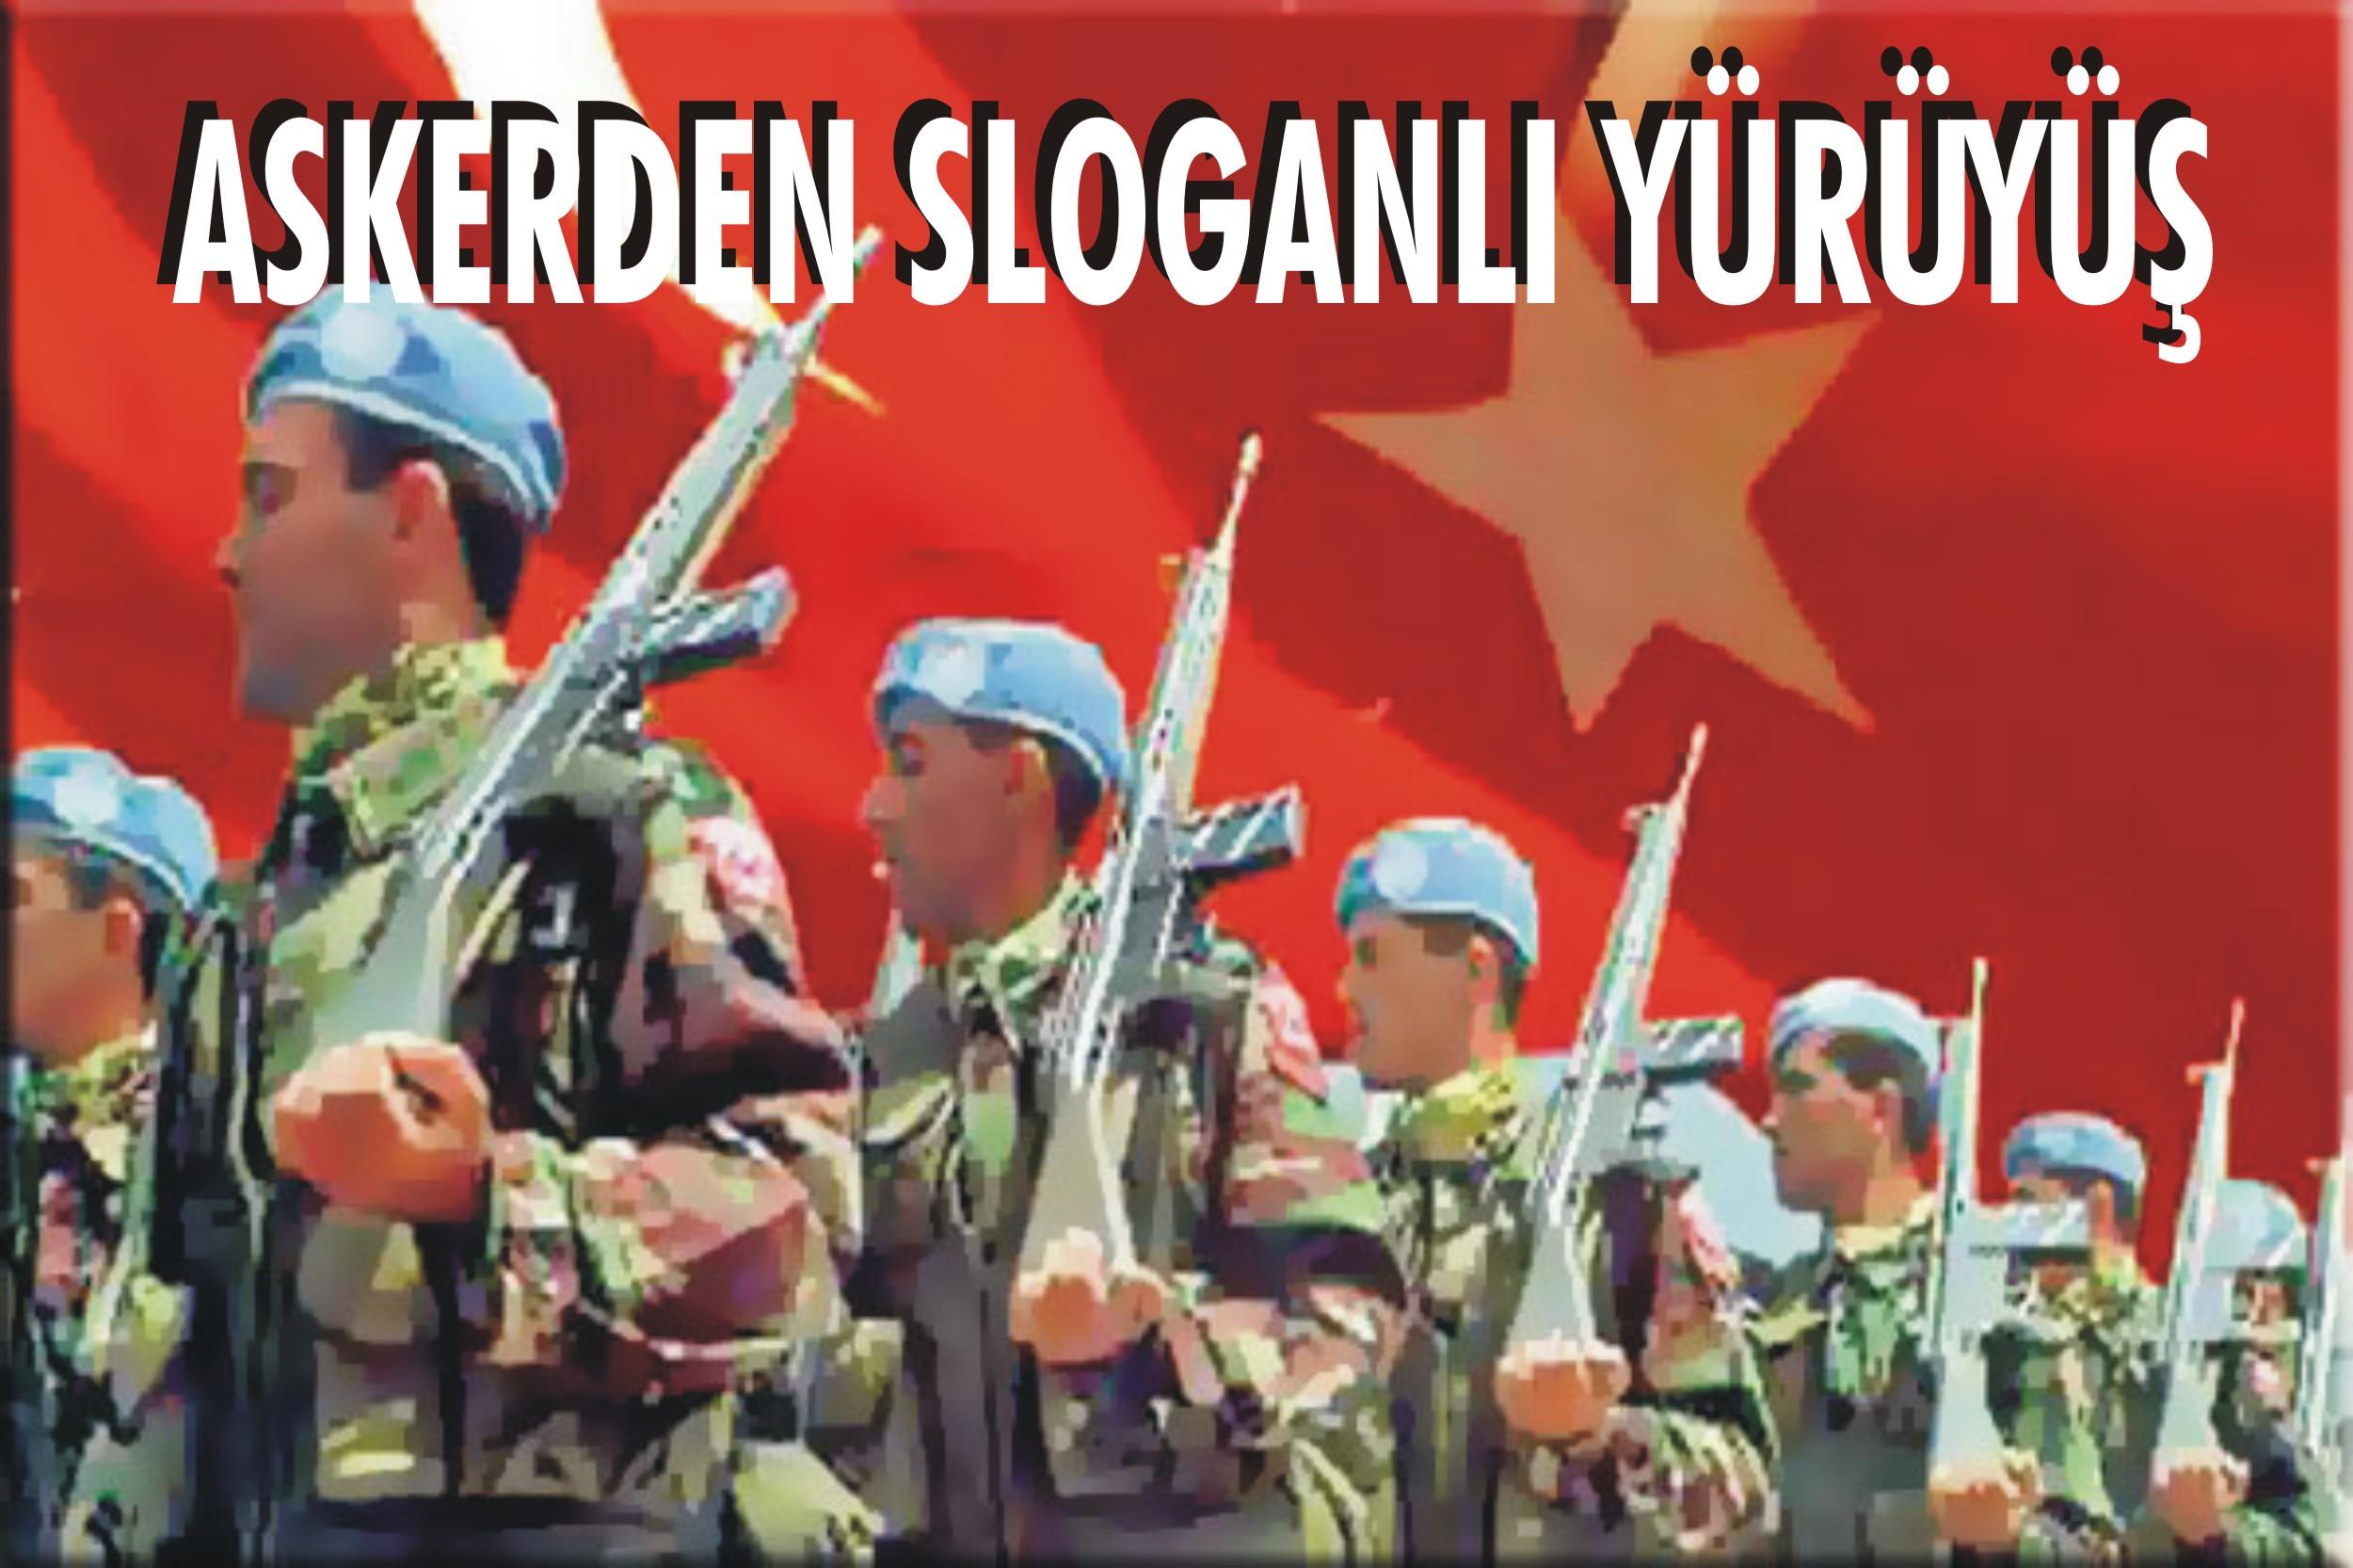 Askerden sloganlı yürüyüş